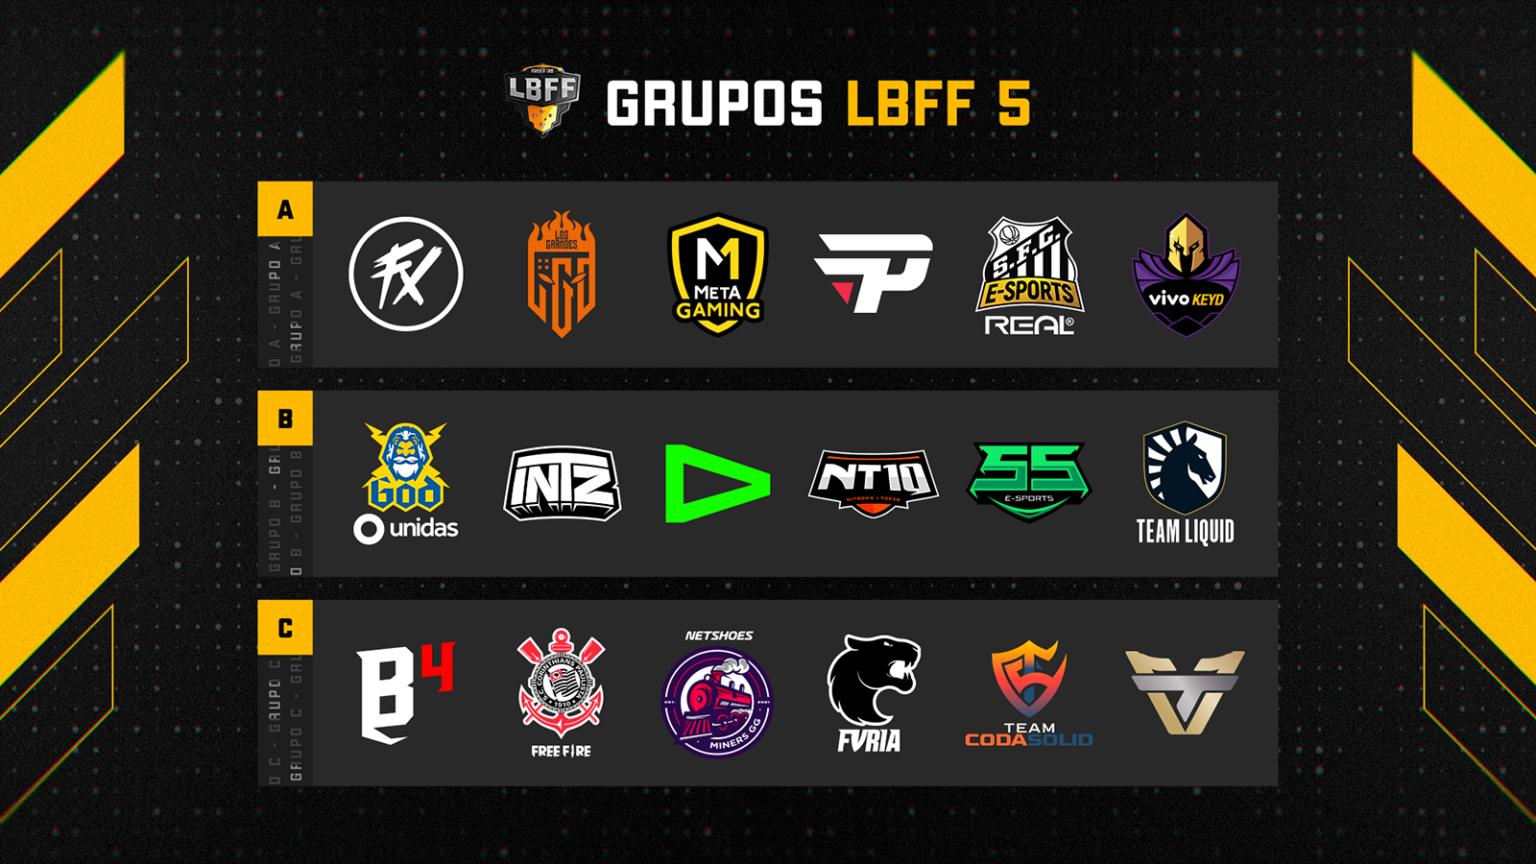 lbff-5-liga-brasileira-de-free-fire calendário fase de grupos